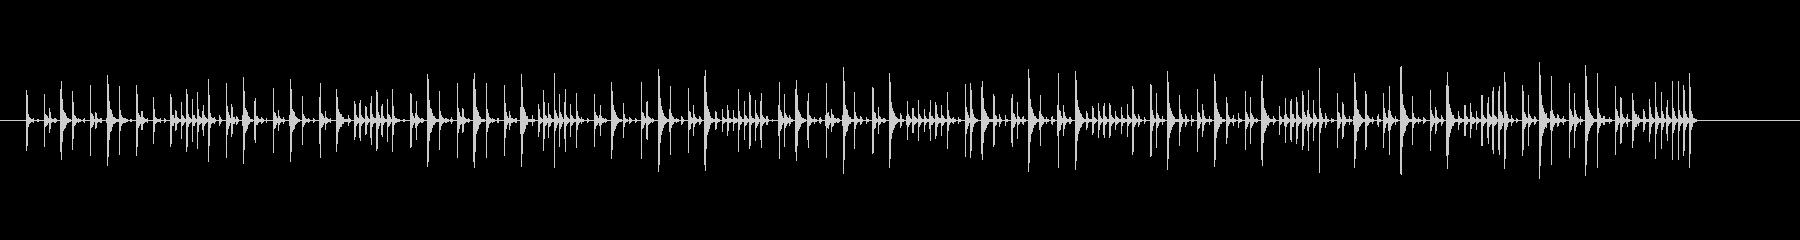 パーカッションボンゴ-ミュージカル...の未再生の波形